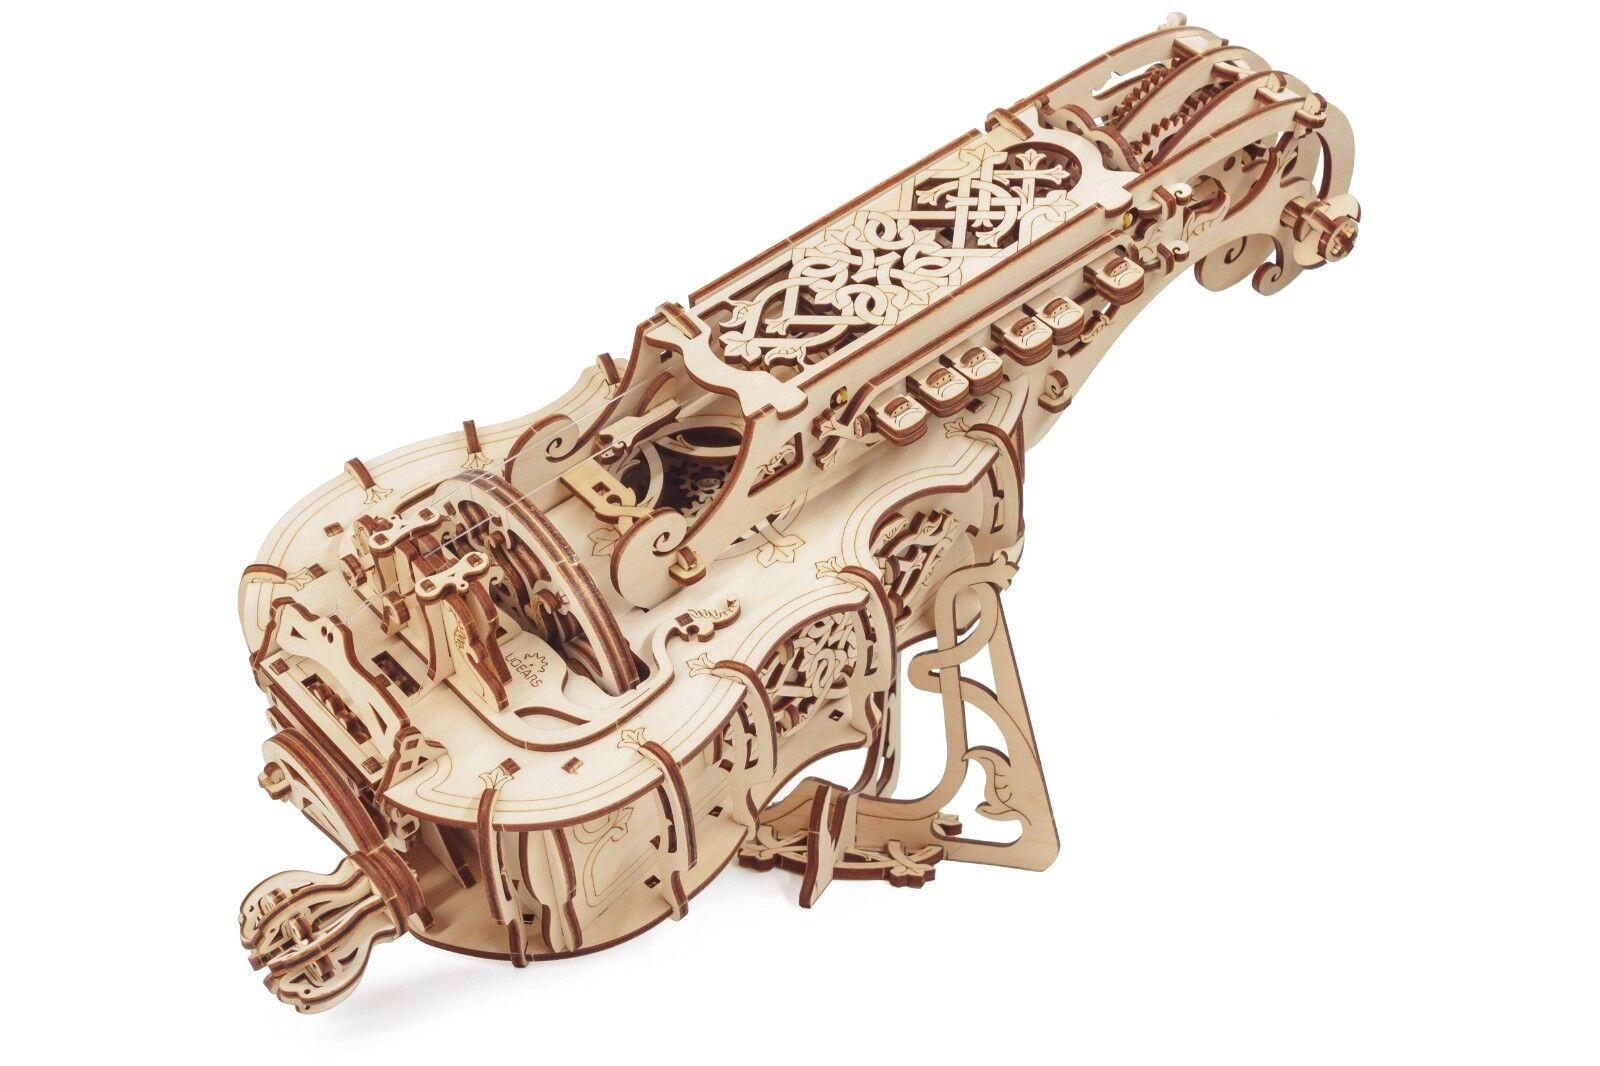 Ugears drehleier und vielen - 3d - holz - mechanischen modell - 292 - stcke